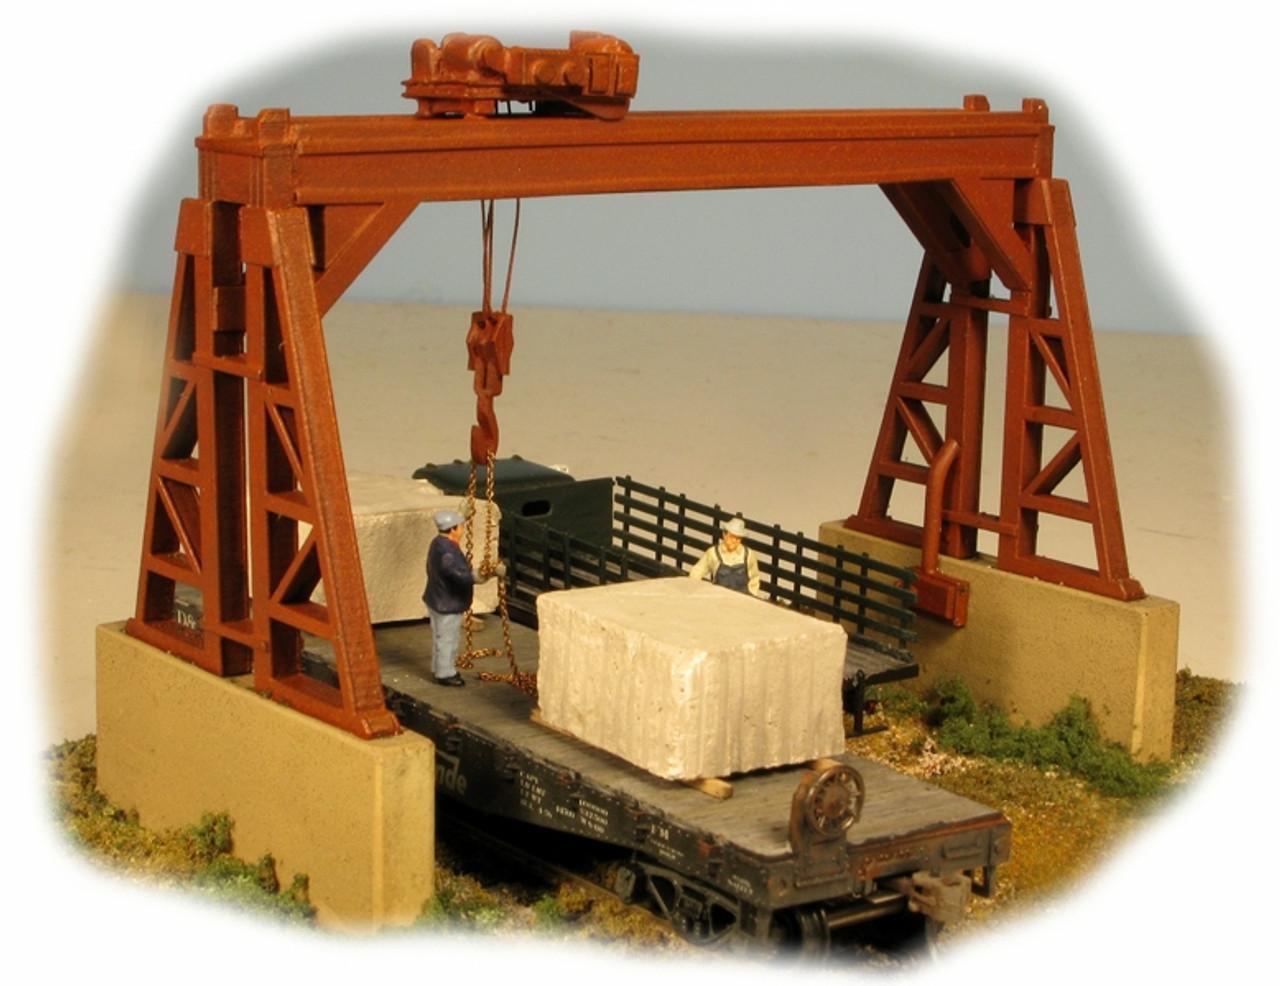 Monroe Models HO 2301 Overhead Gantry Crane Kit